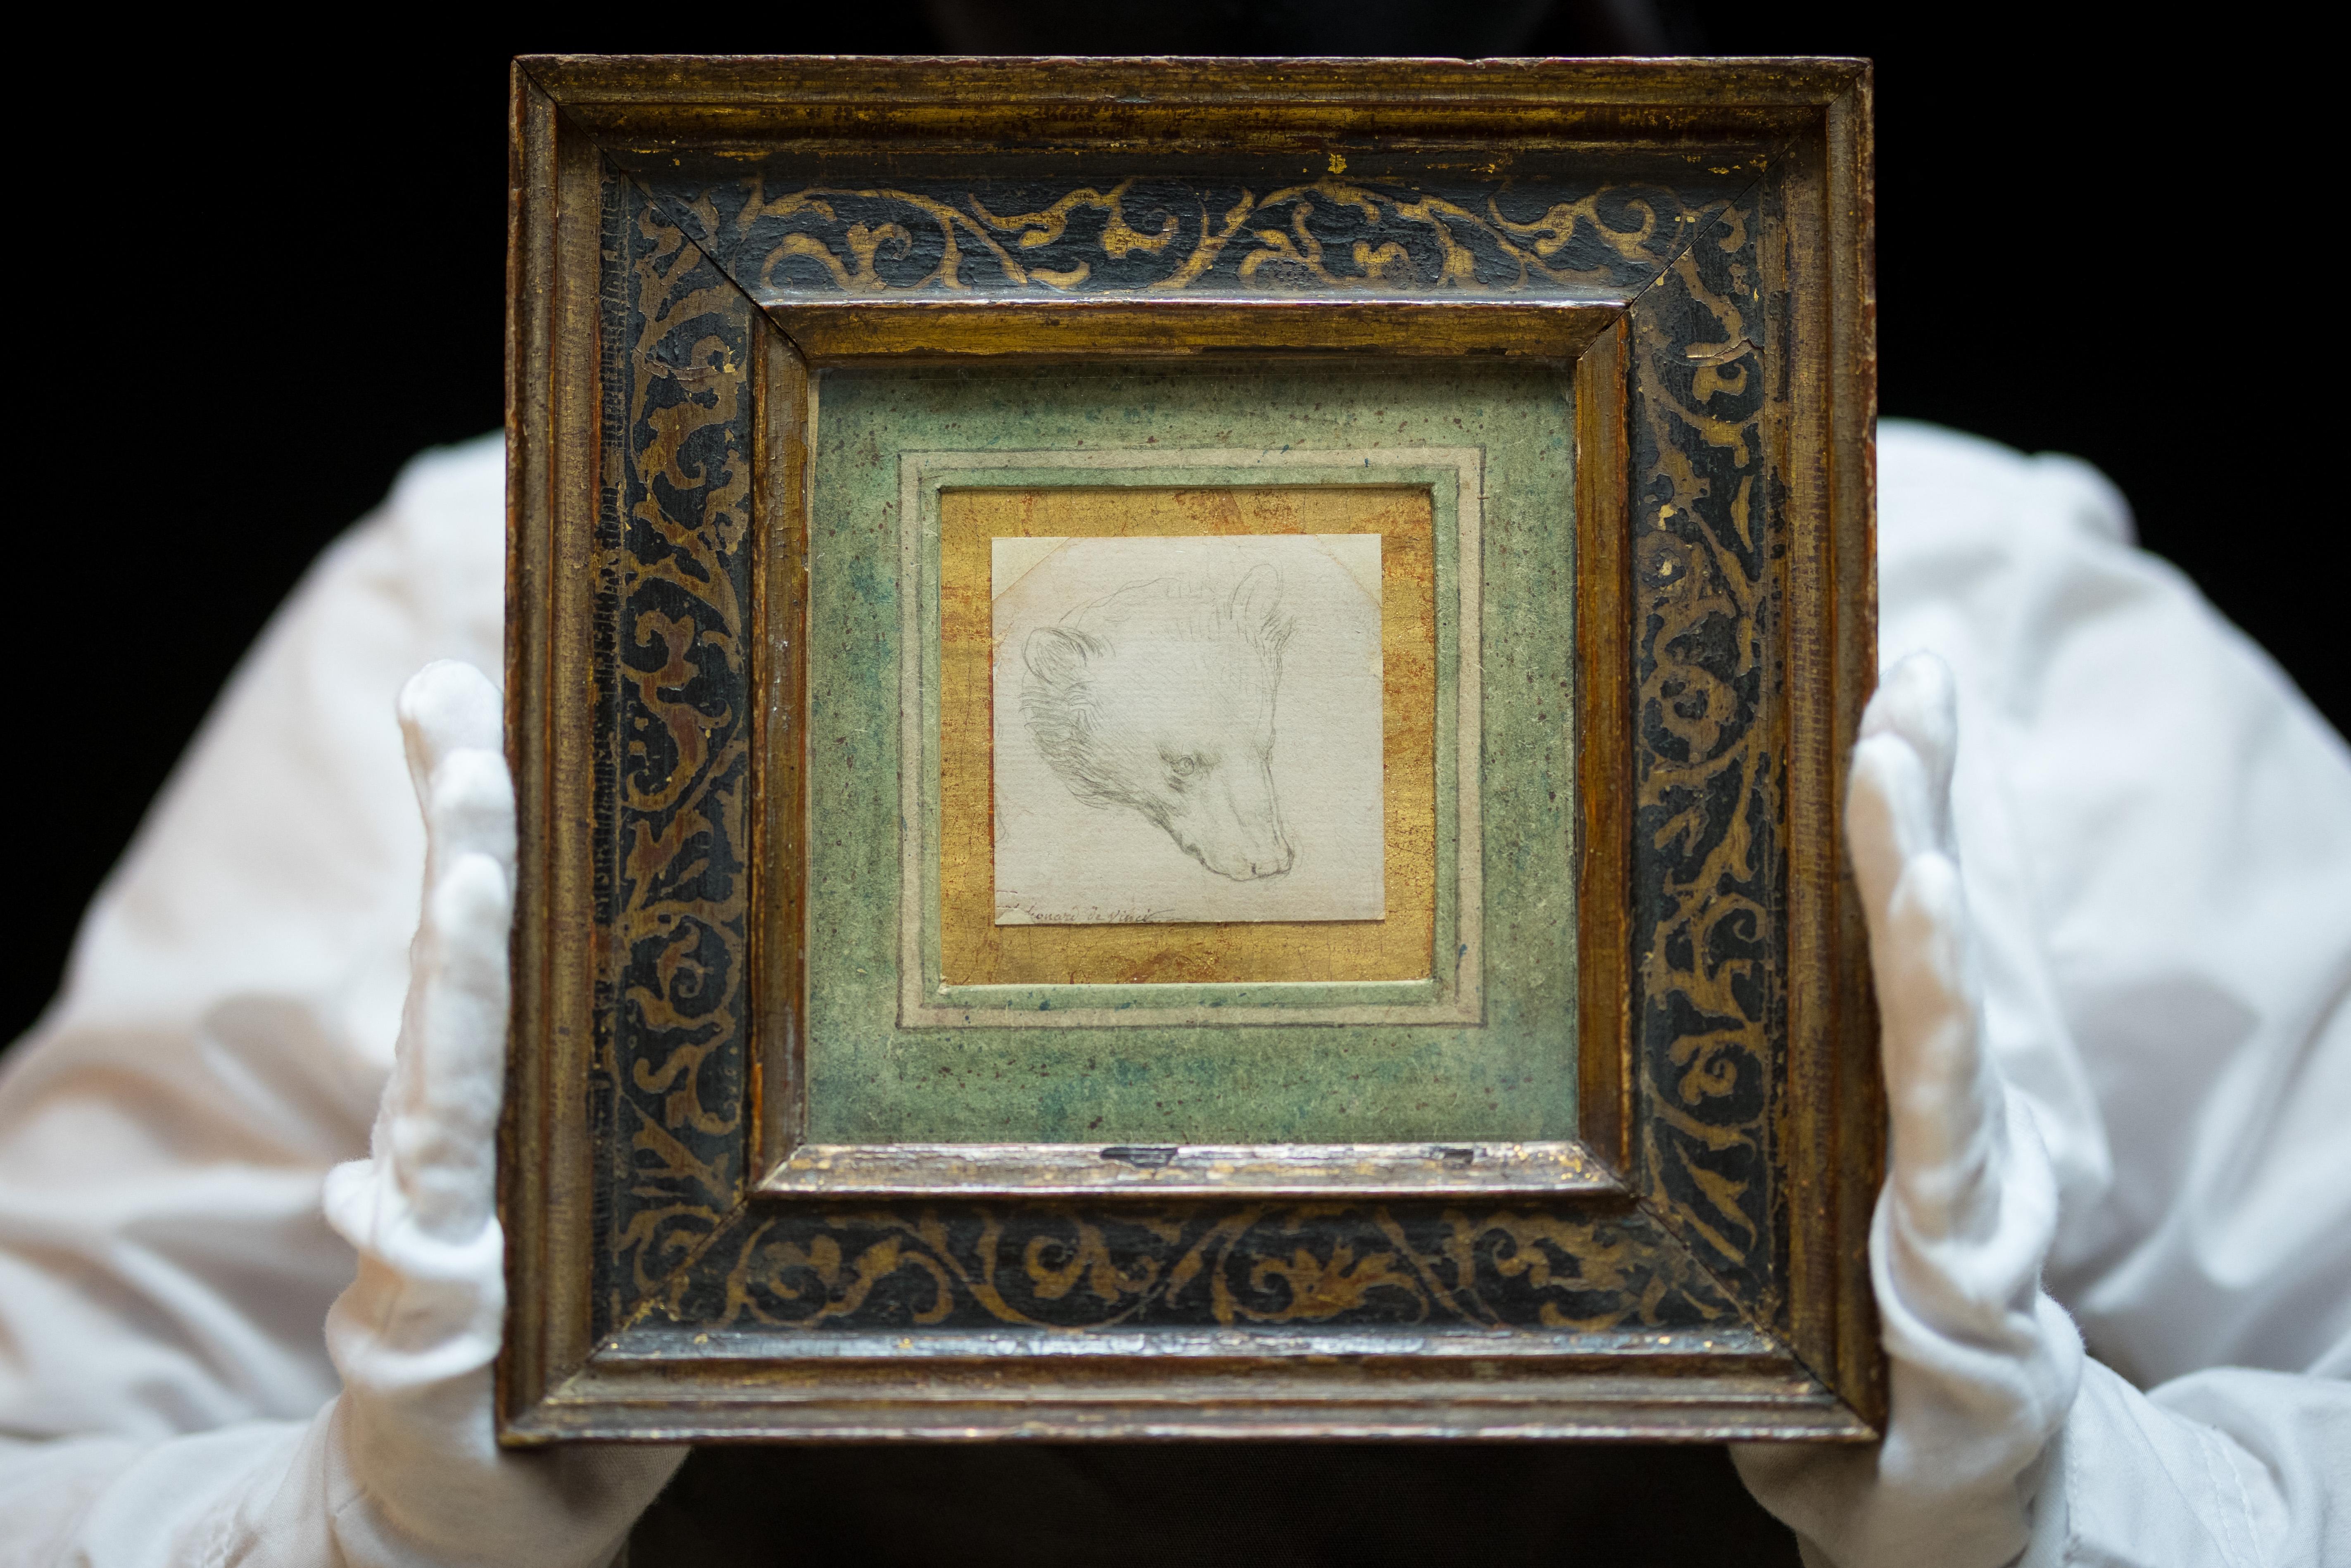 5 milliárd forintnál is drágábban kelhet el da Vinci 500 évesnél is idősebb medverajza